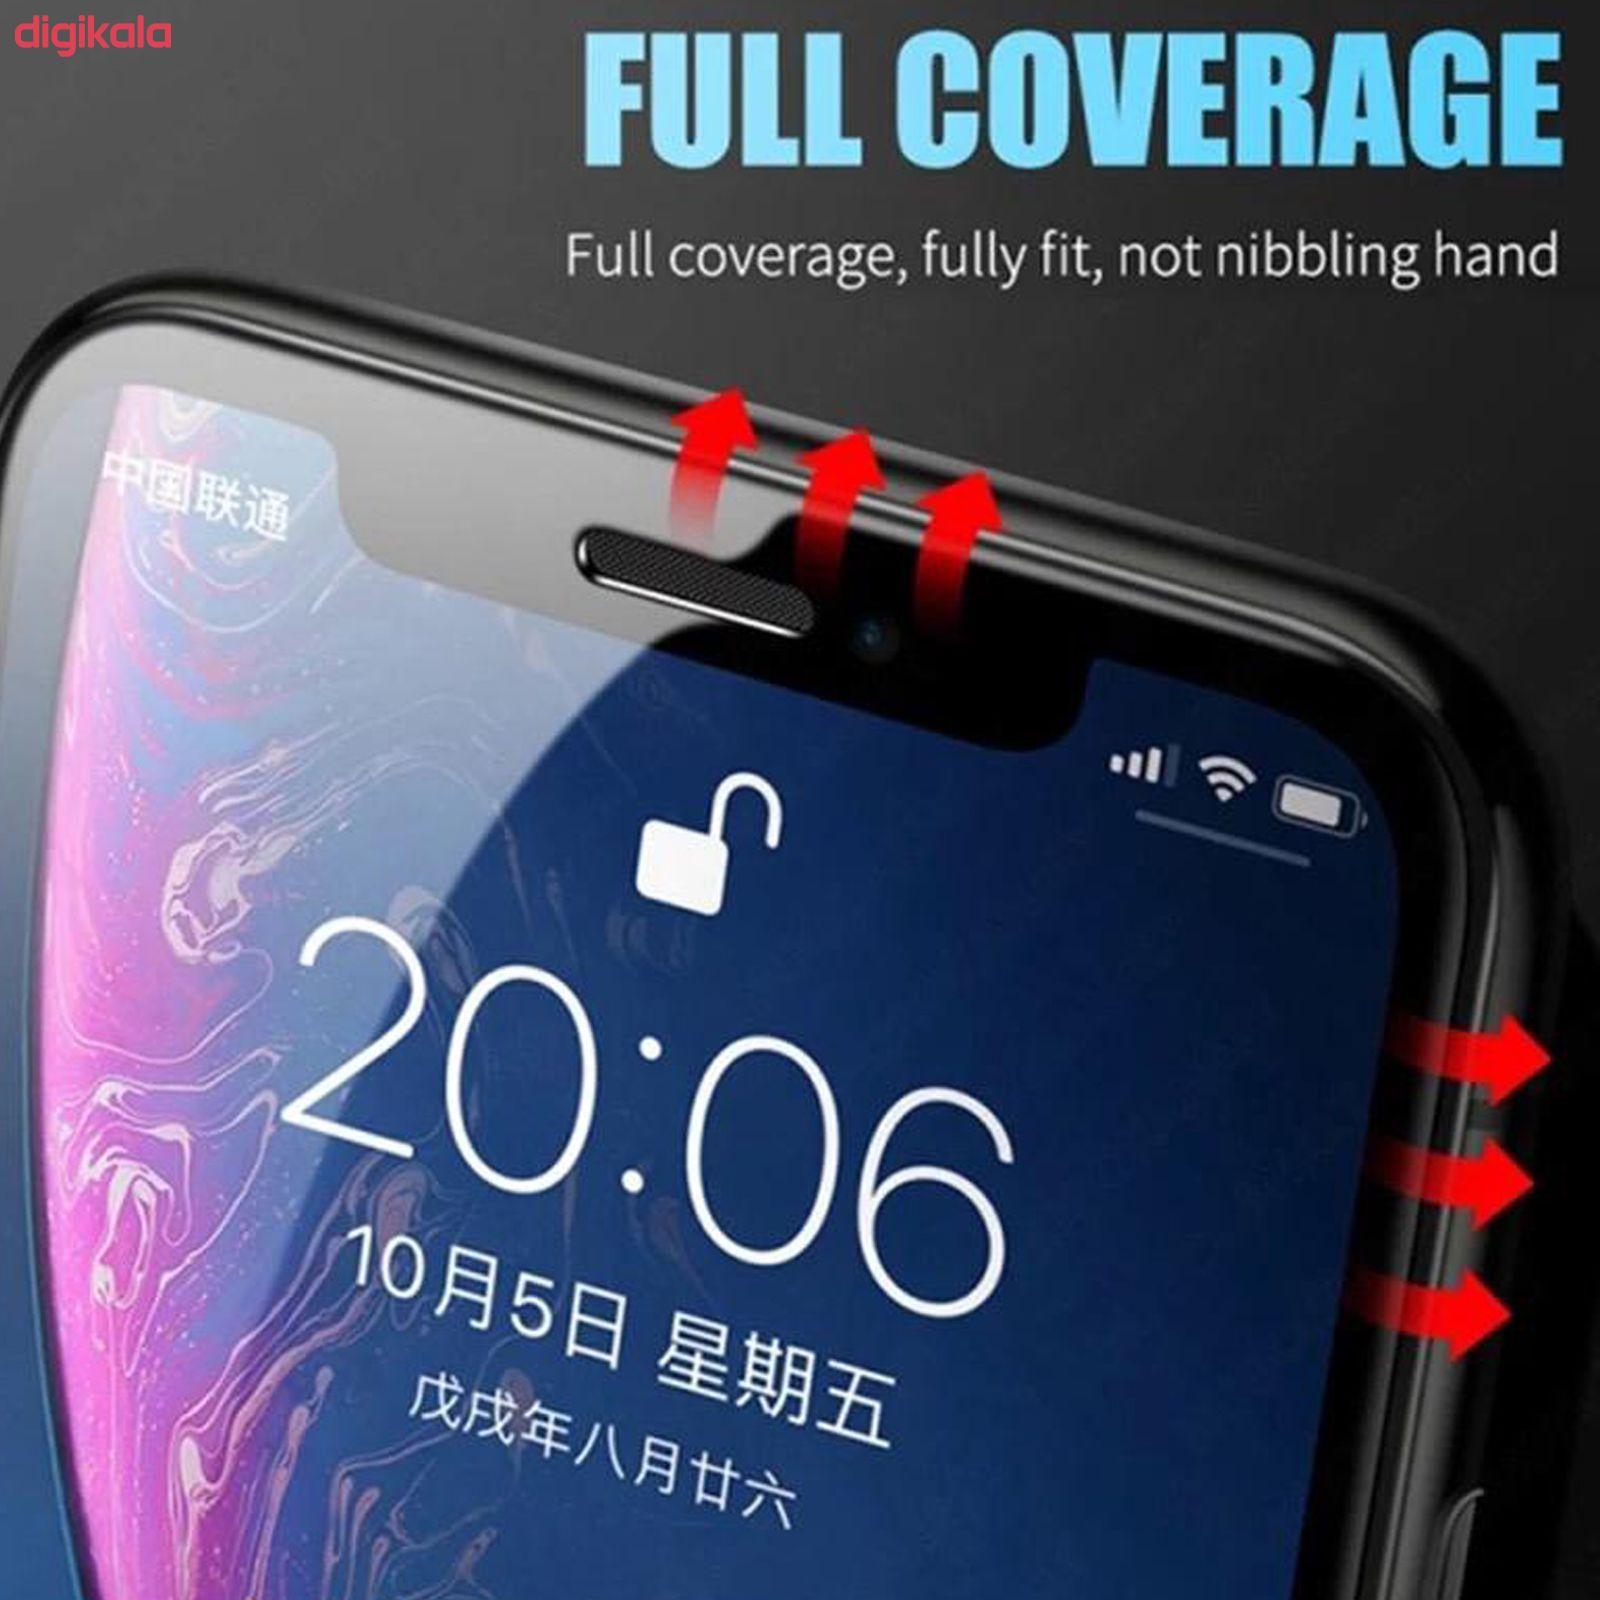 محافظ صفحه نمایش سرامیکی پنتر مدل CER-CL مناسب برای گوشی موبایل سامسونگ Galaxy A31 main 1 4